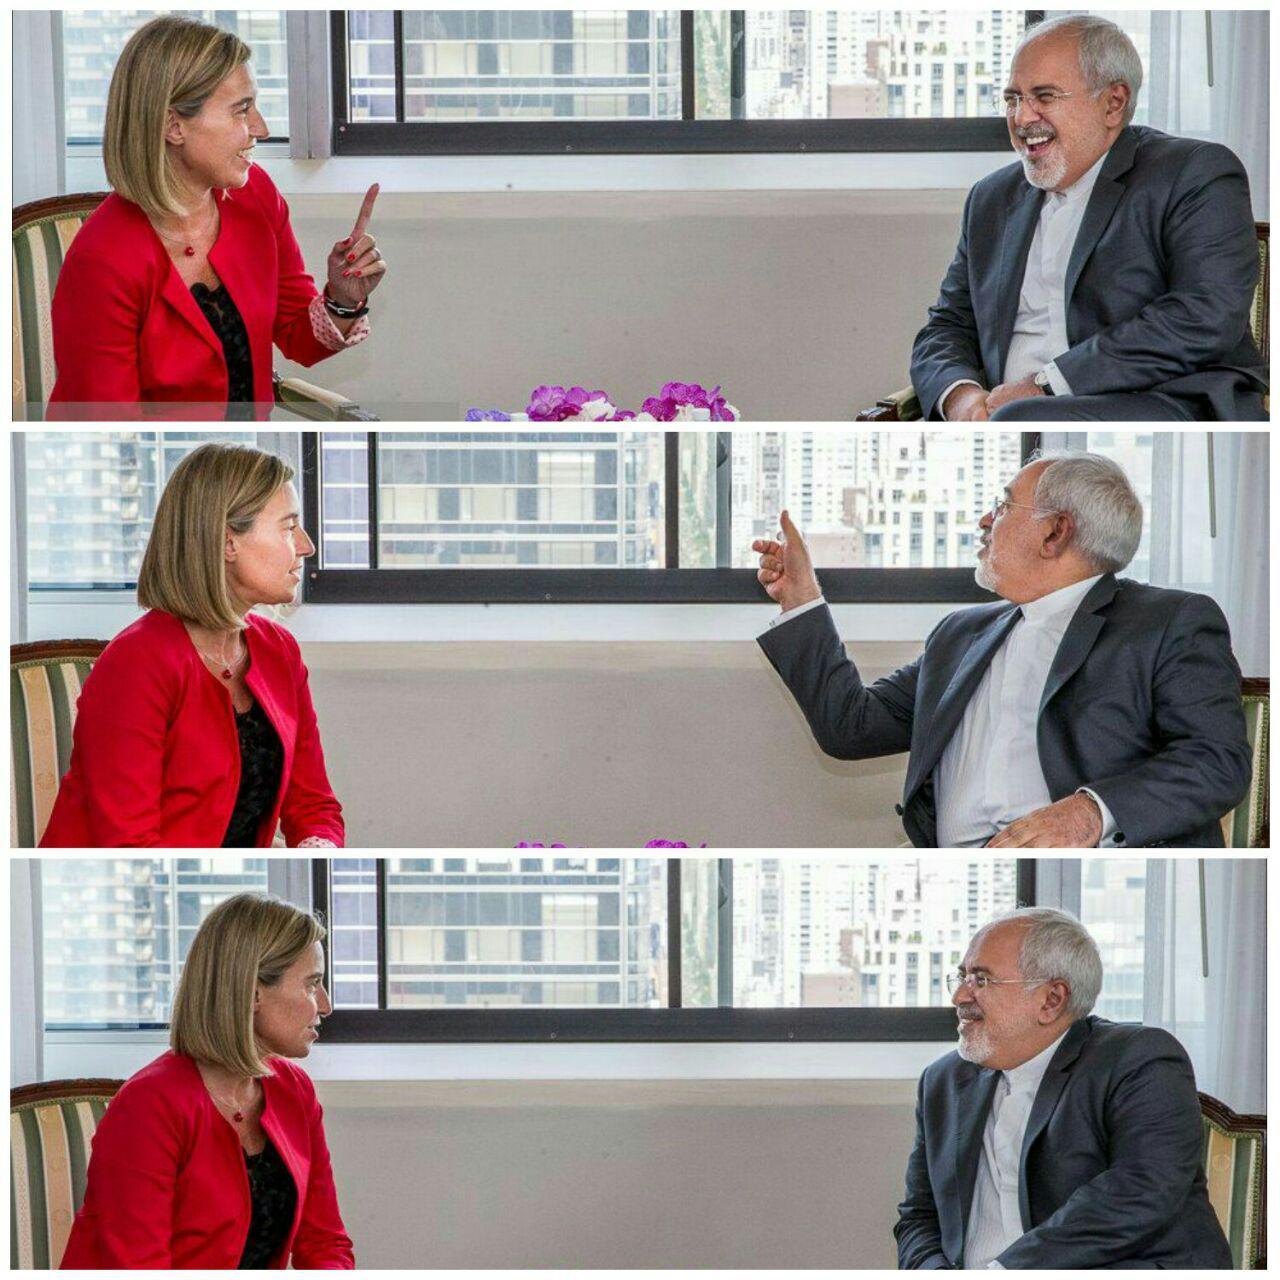 دیدار ظریف و فدریکا موگرینی در آمریکا (+عکس)